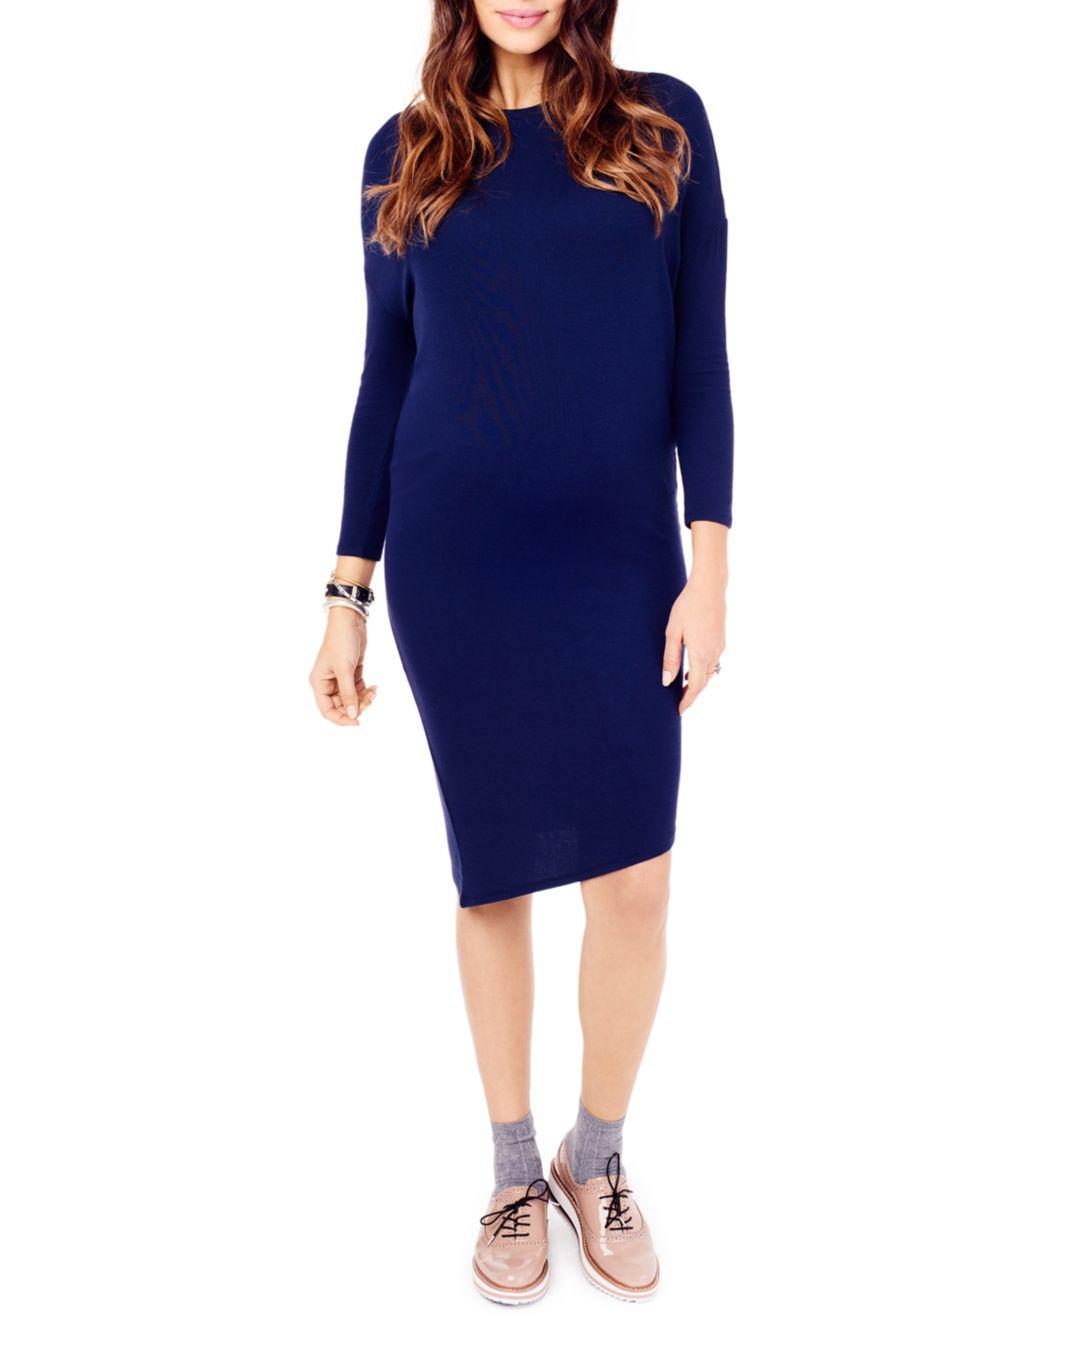 6a076af8b2c Lyst - Ingrid   Isabel Maternity Asymmetric Midi Dress in Blue